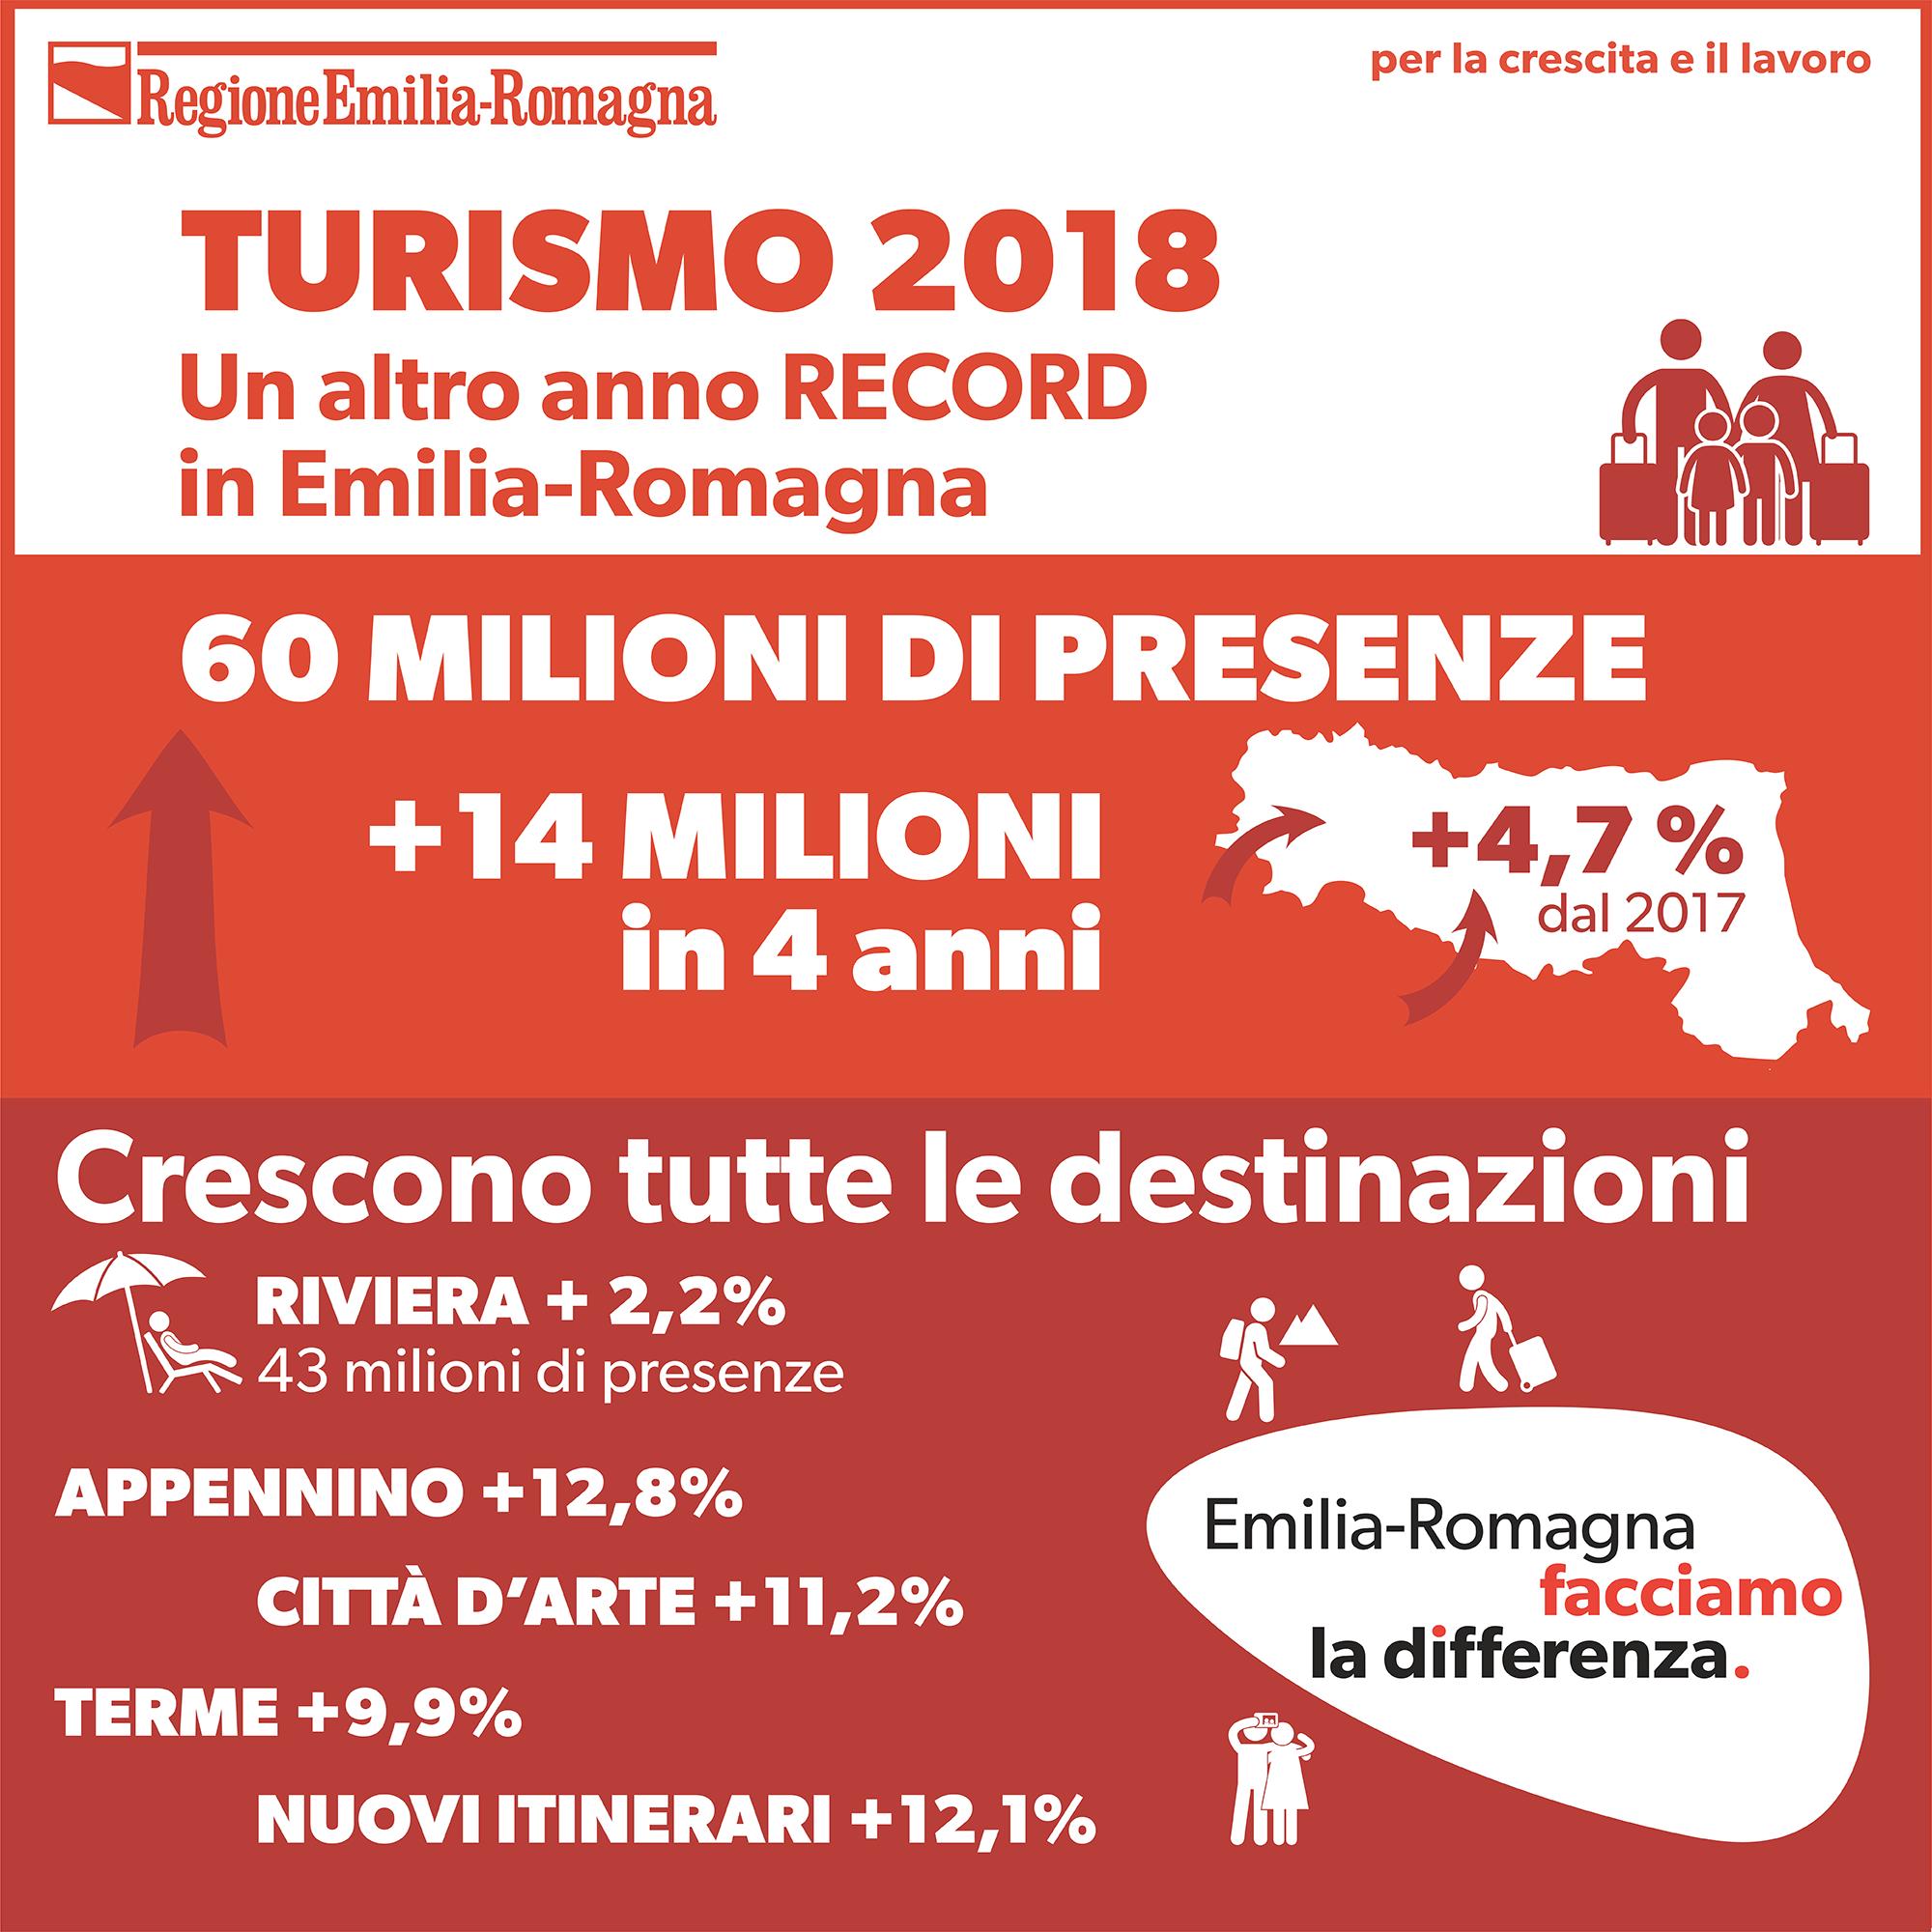 I dati sul turismo nel 2018